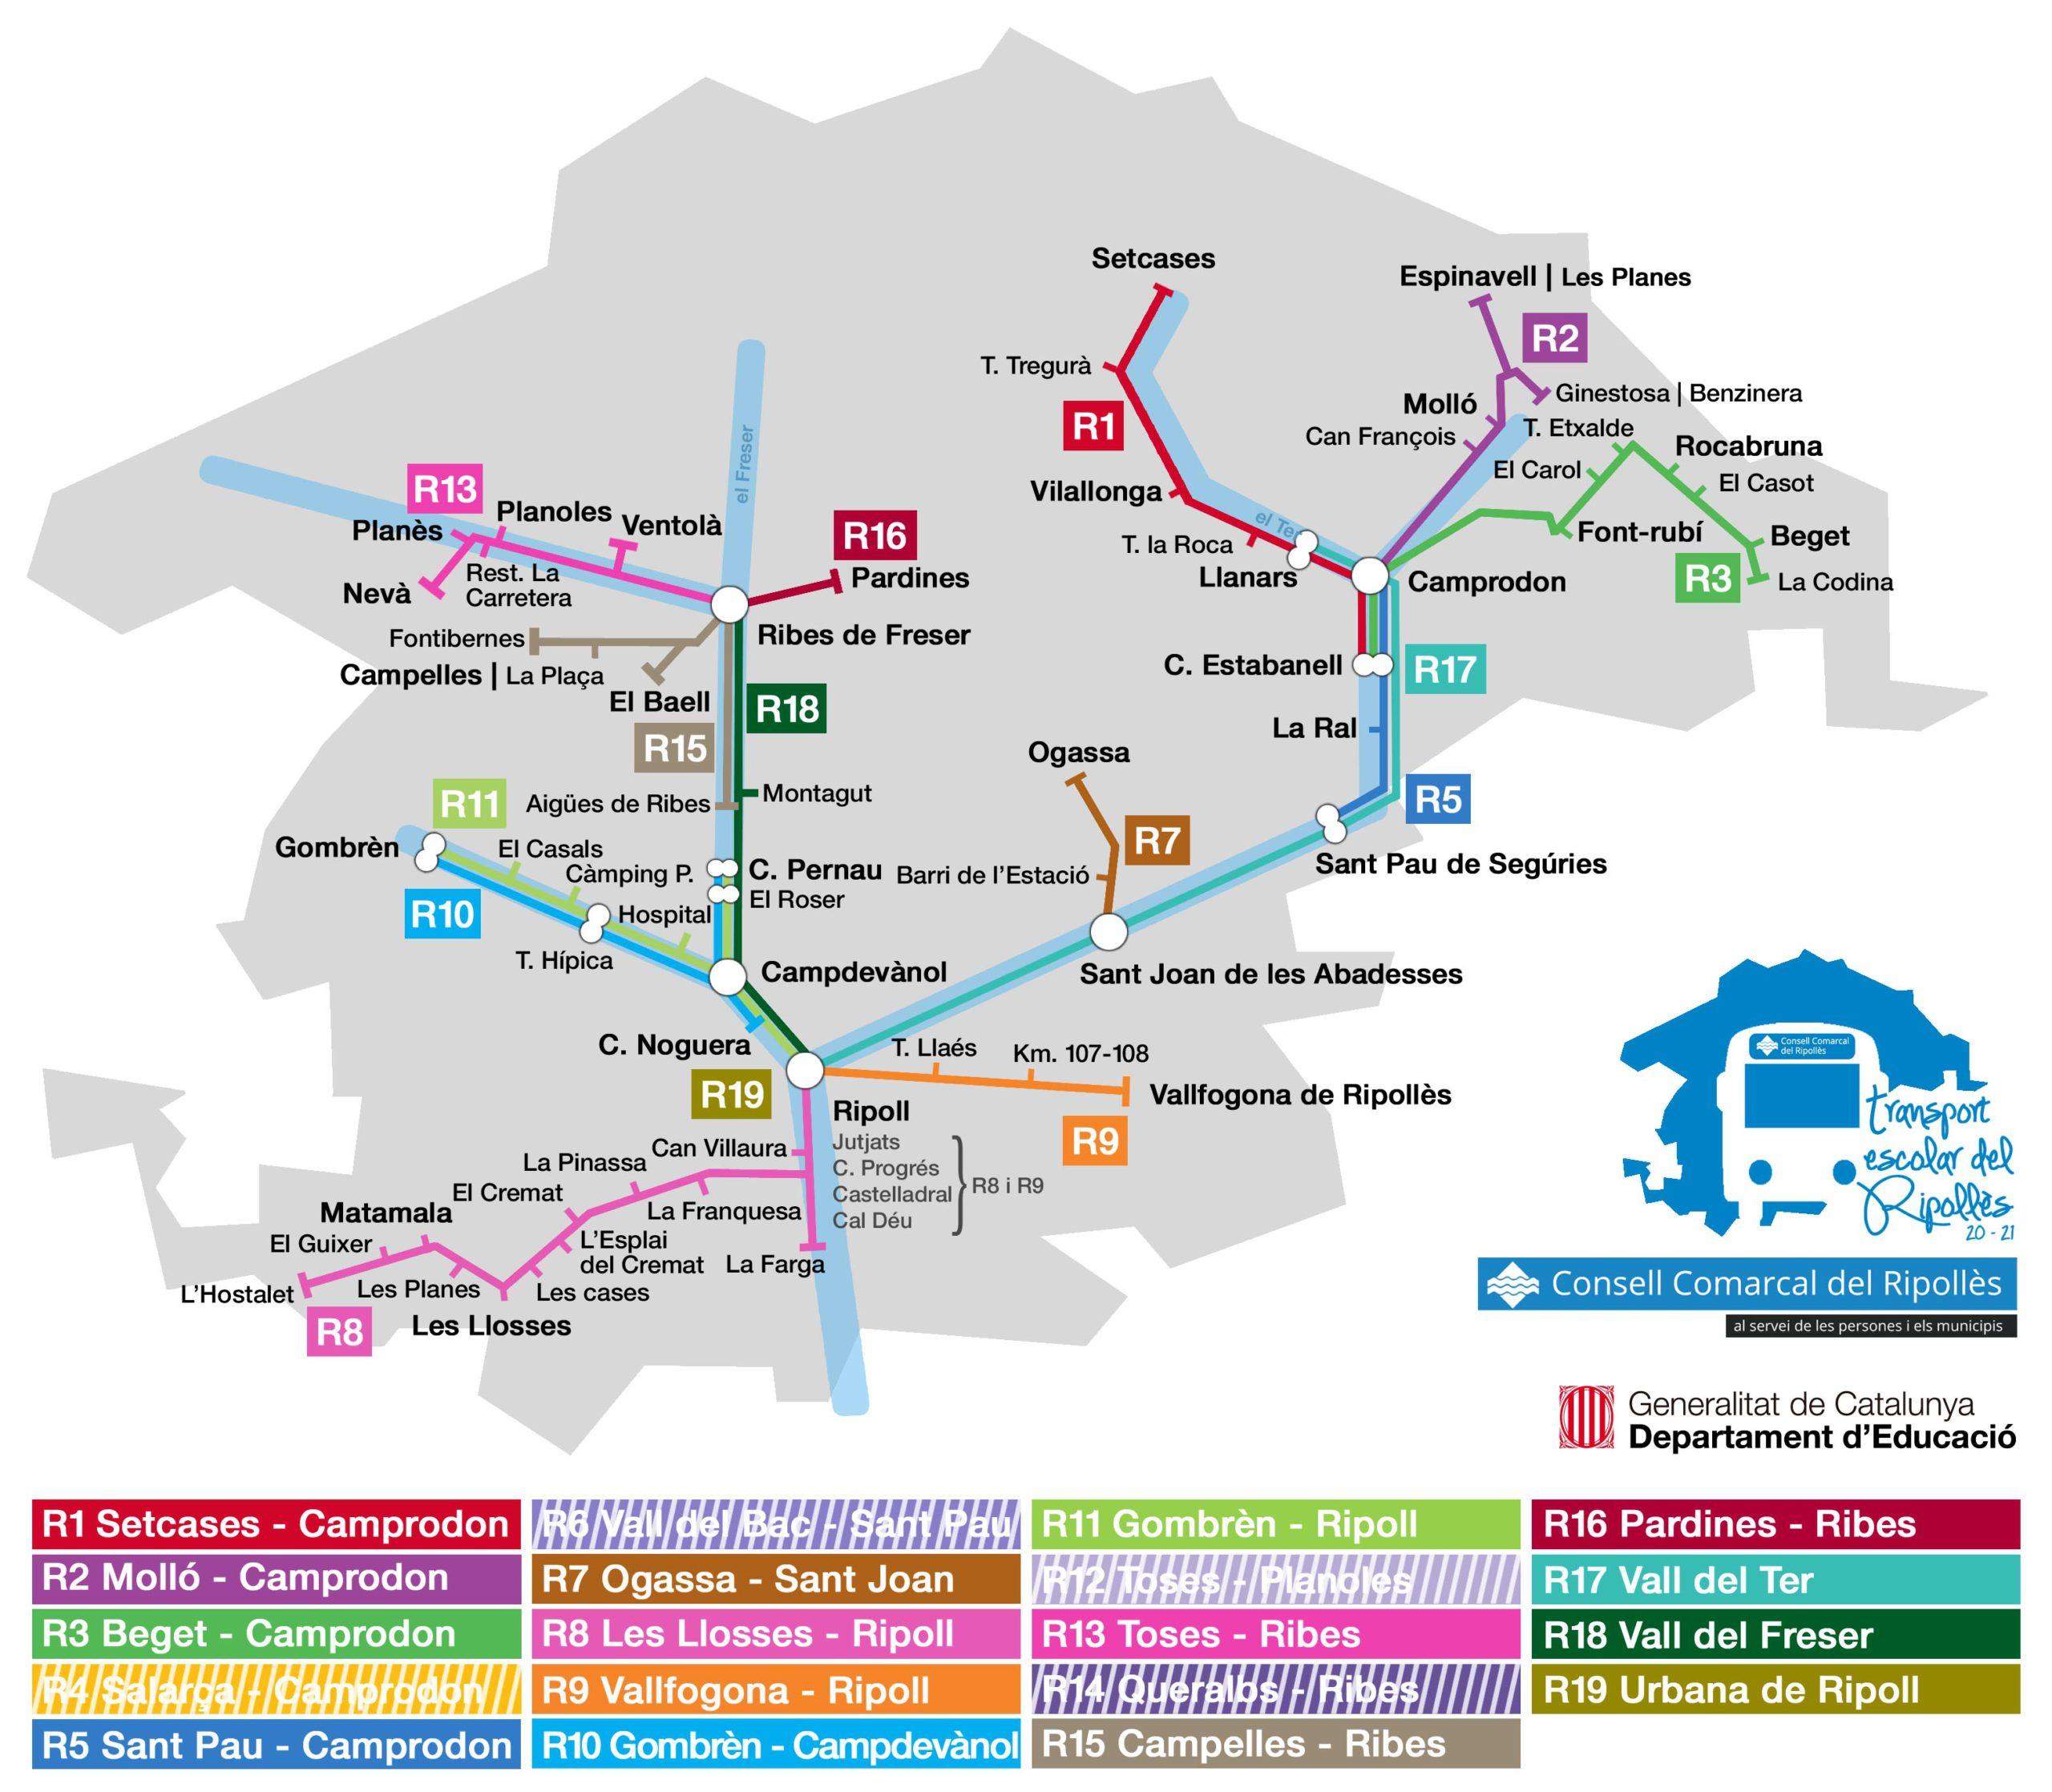 Mapa de línies del transport escolar del Ripollès 2020-2021